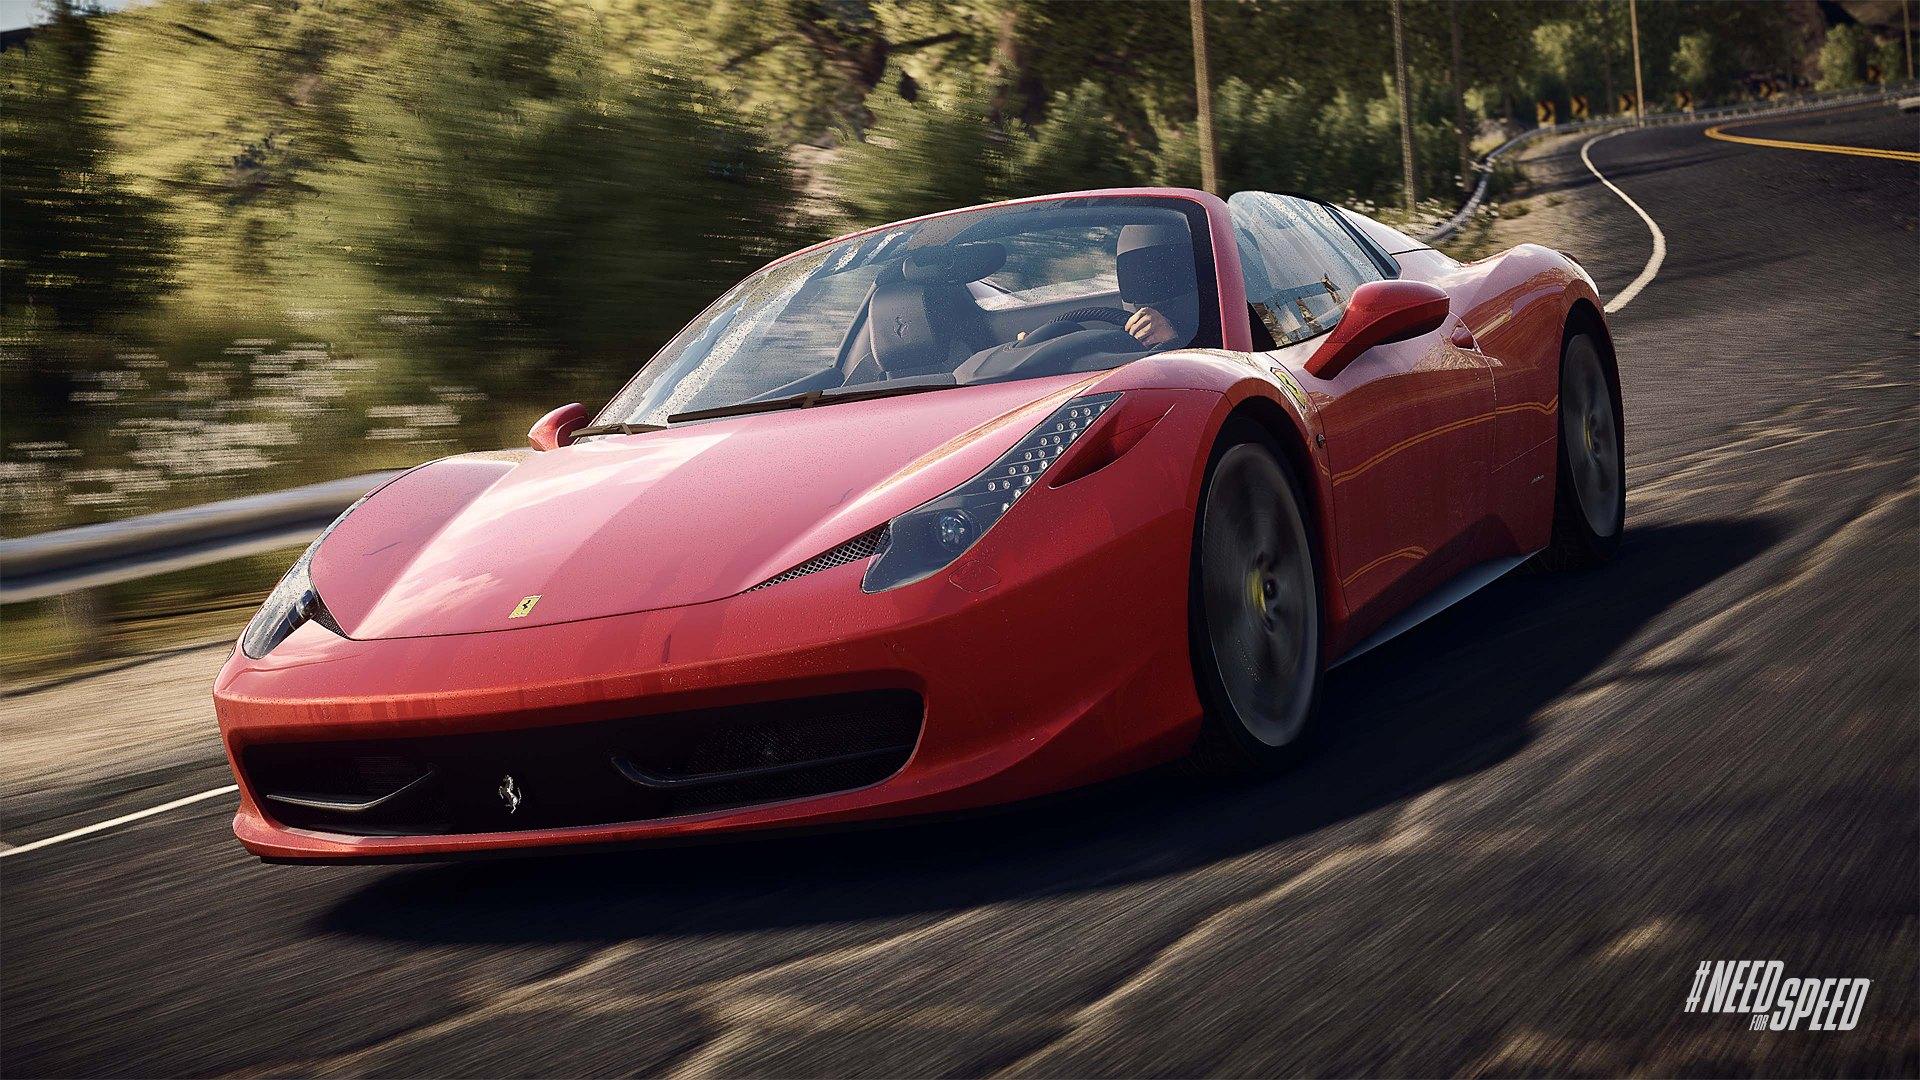 Ferrari 458 Spider Need For Speed Wiki Fandom